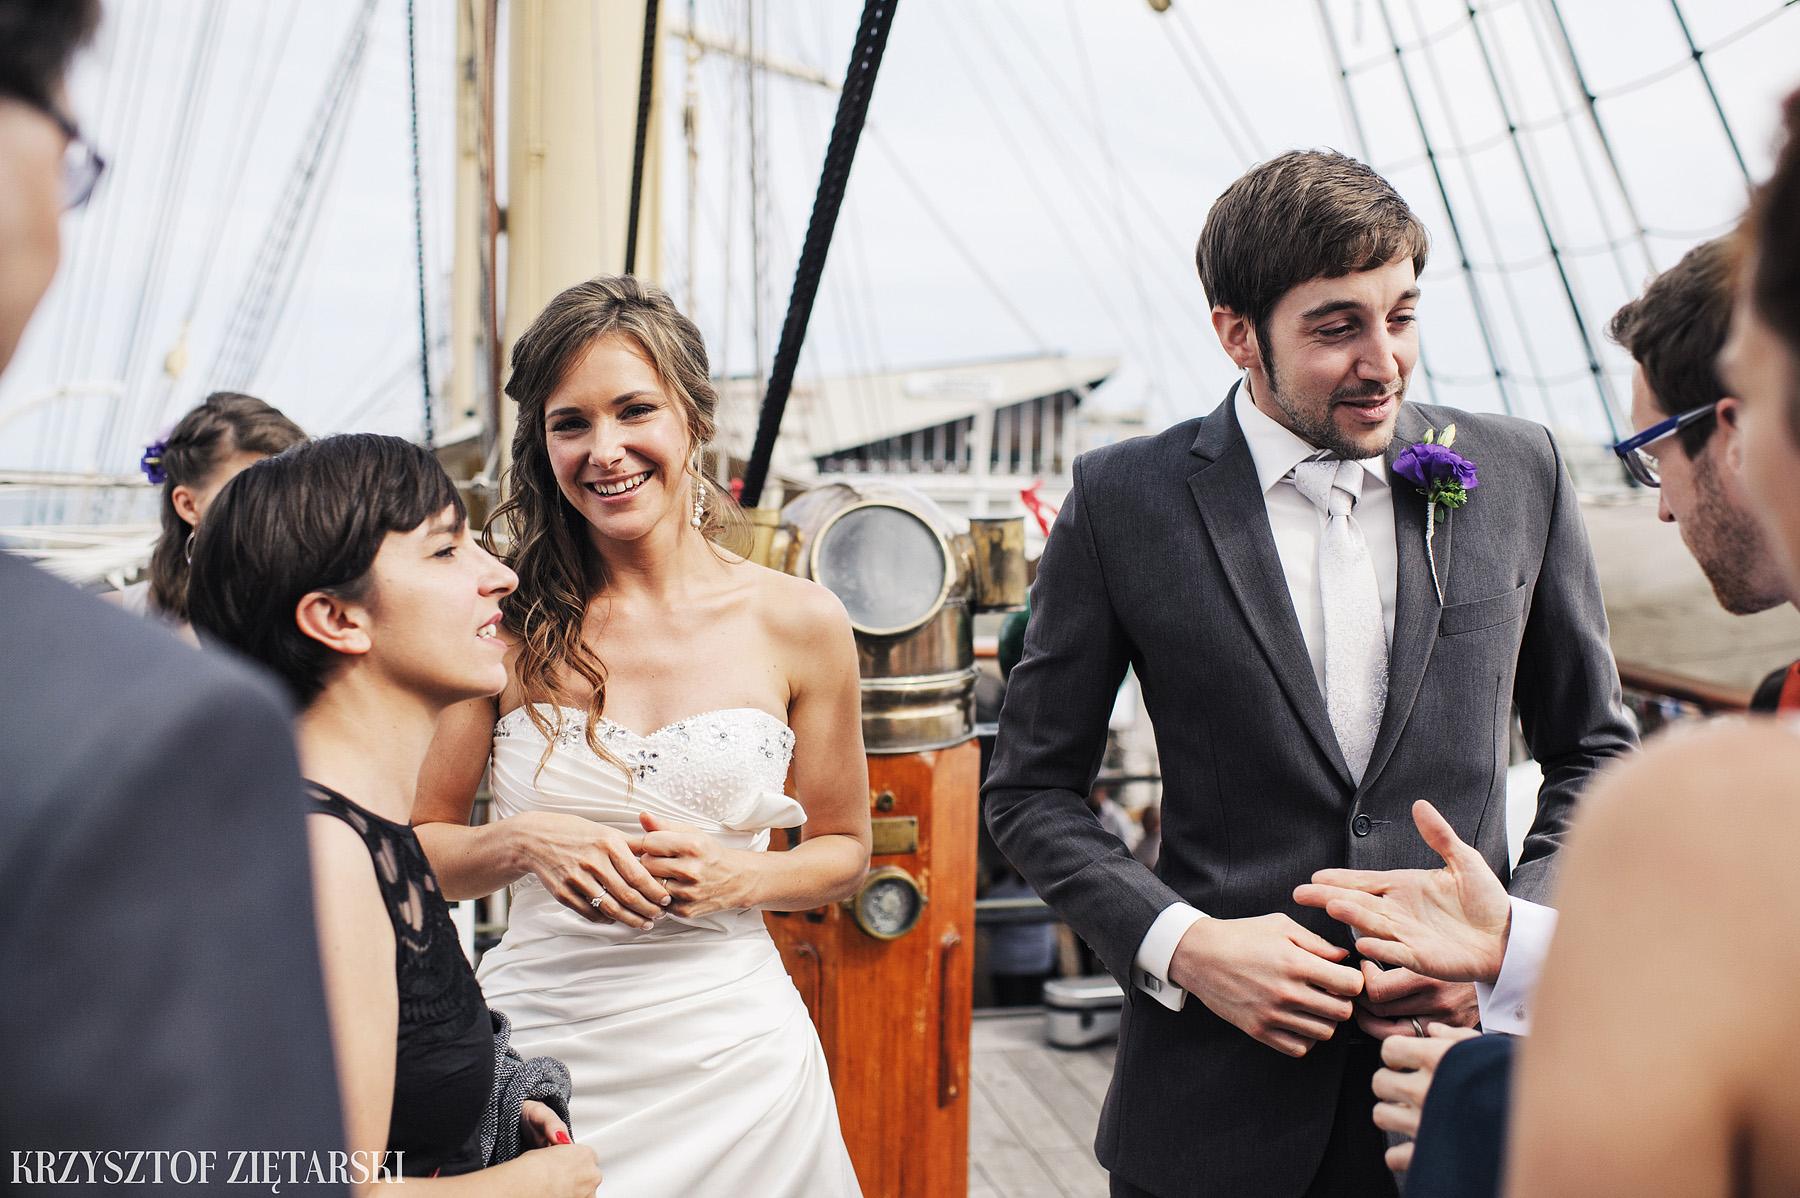 Gosia i Gabriele - Fotografia ślubna Gdynia - Dar Pomorza, Gościniec dla Przyjaciół Wyczechowo, Sea Towers - 30.